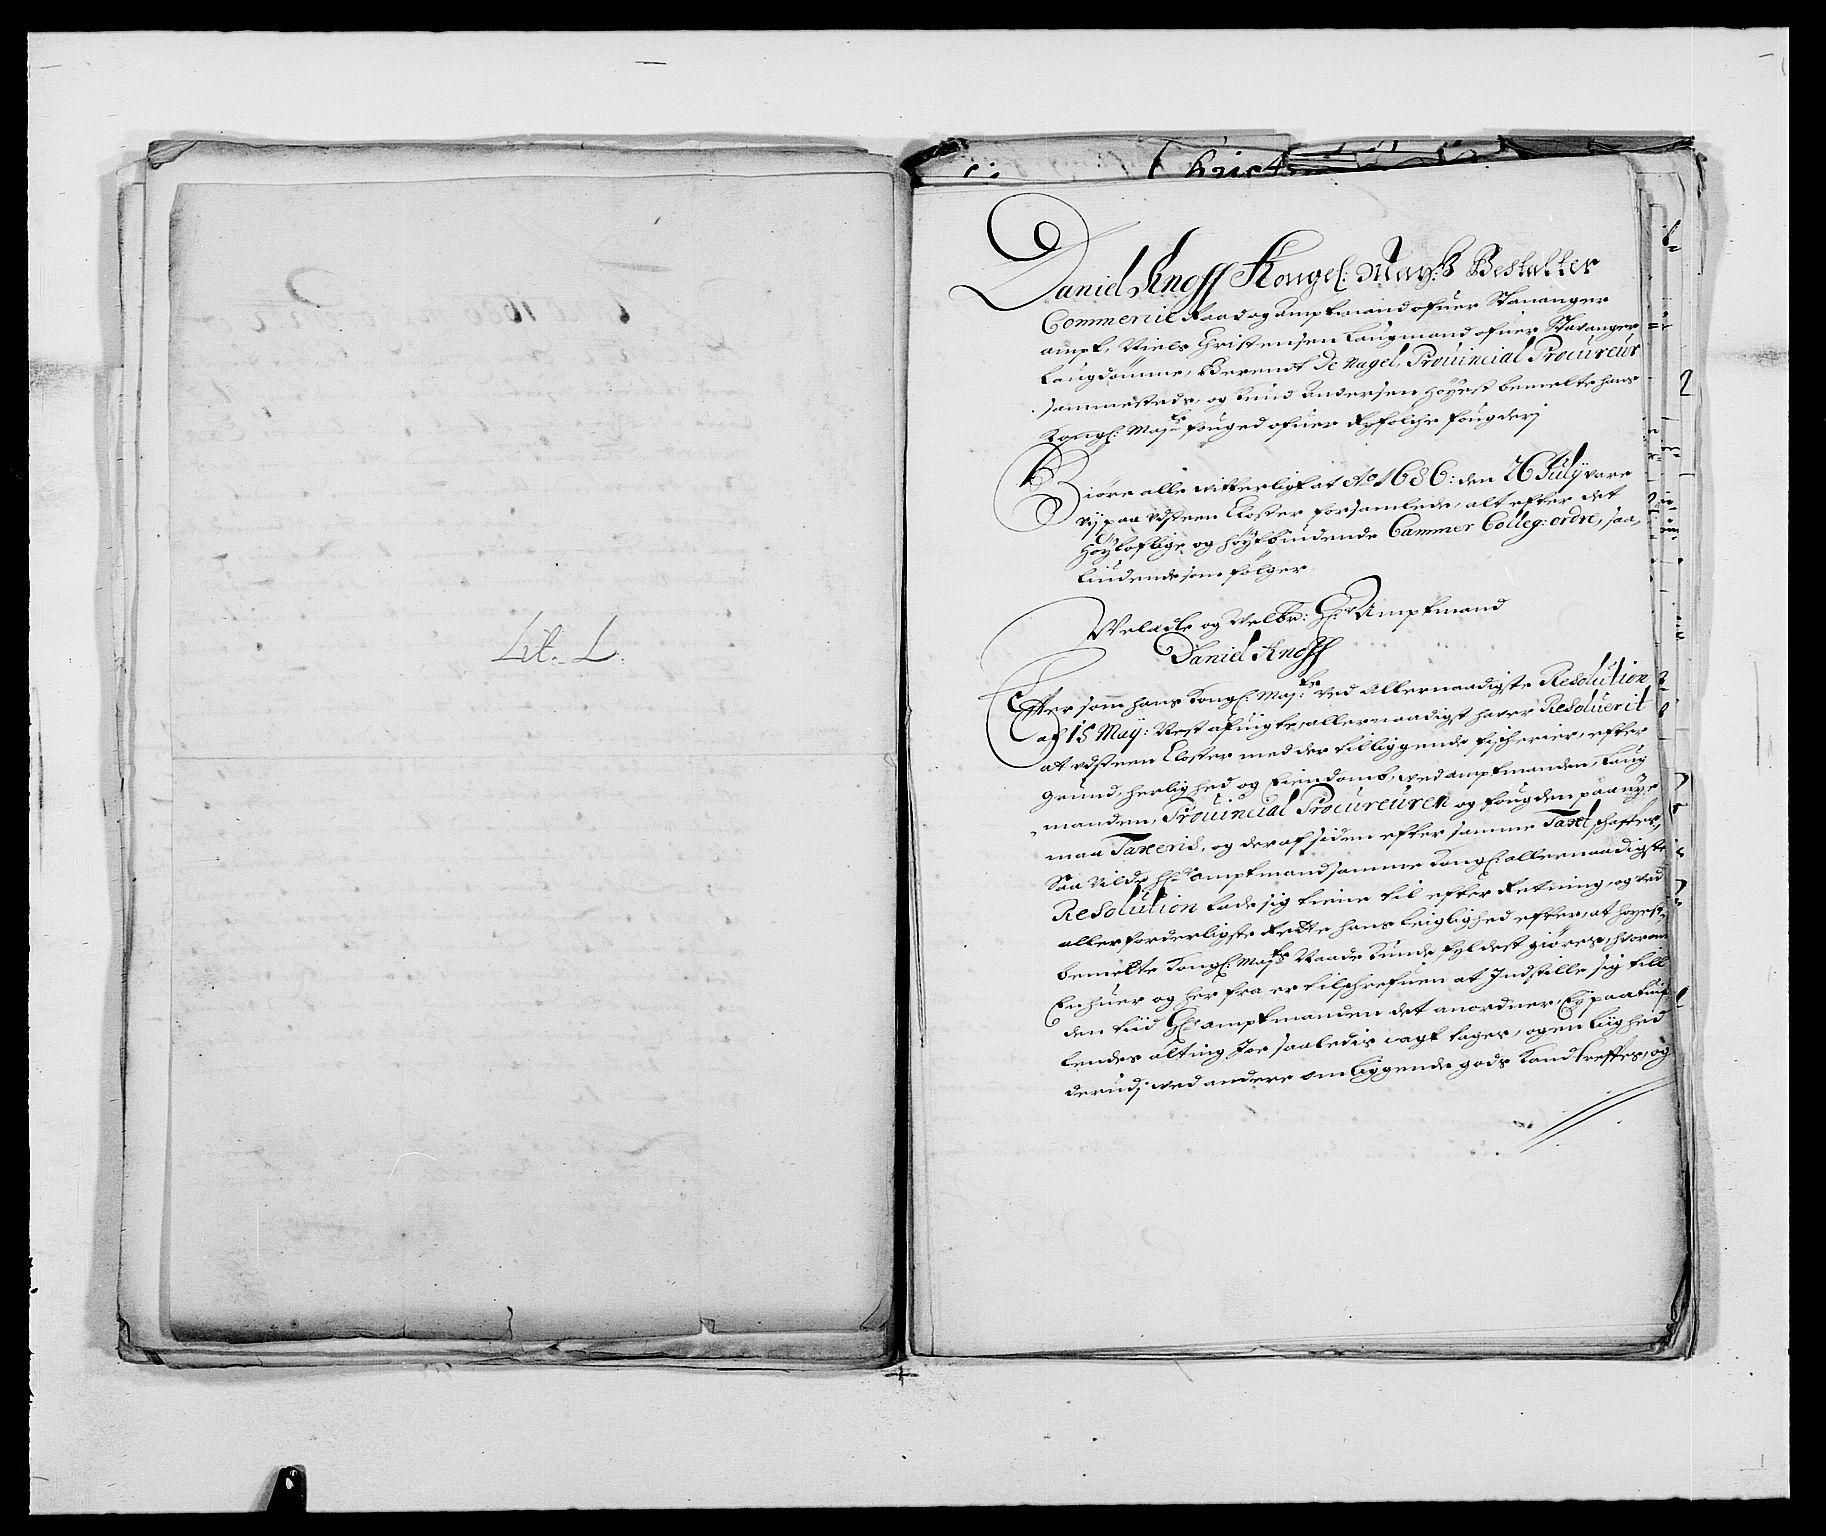 RA, Rentekammeret inntil 1814, Reviderte regnskaper, Fogderegnskap, R47/L2855: Fogderegnskap Ryfylke, 1685-1688, s. 204